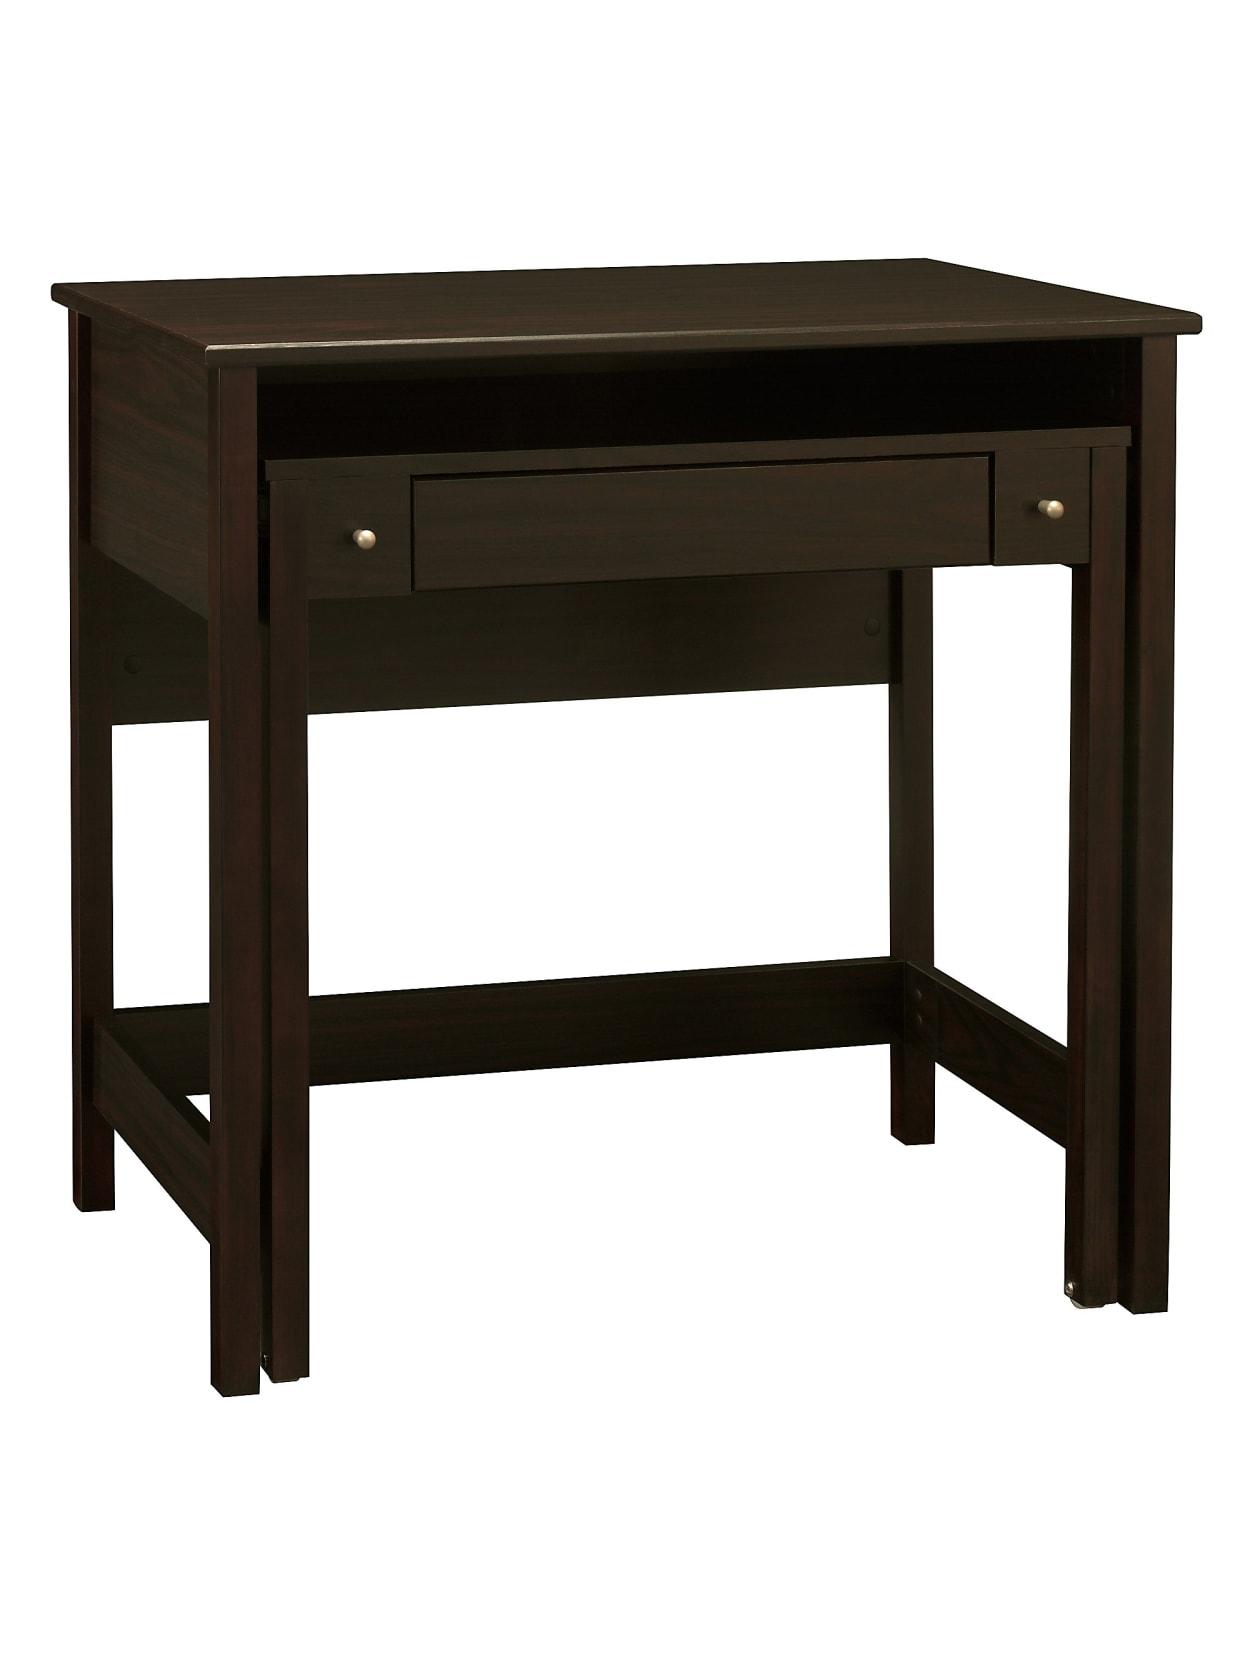 Bush Furniture Brandywine Pull Out Computer Desk Porter Standard Delivery Office Depot